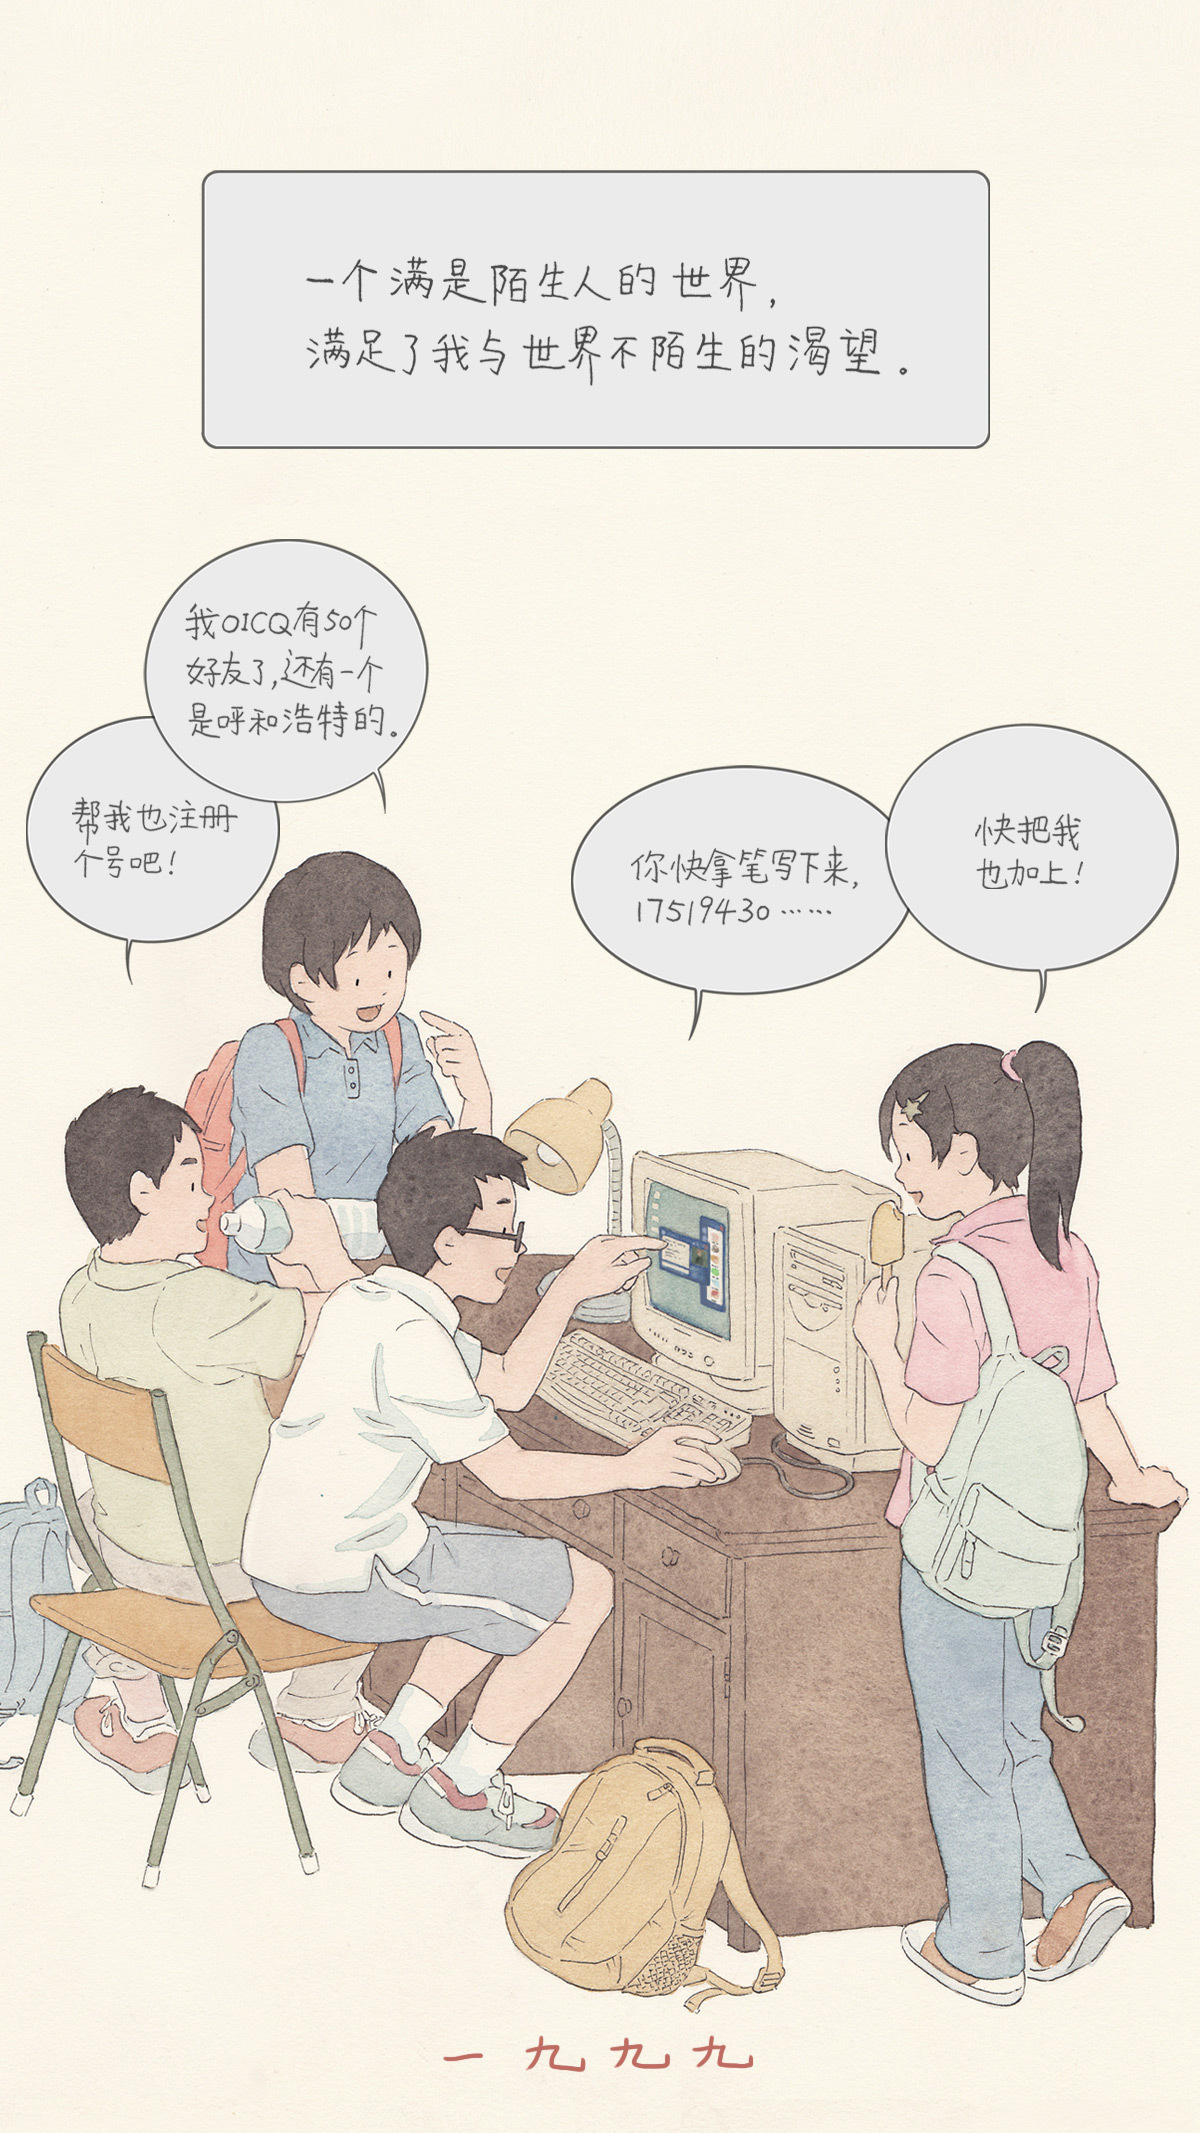 小人日常之七|全集|单幅人间|李彬BinLee-原创漫画动漫a小人漫画图片